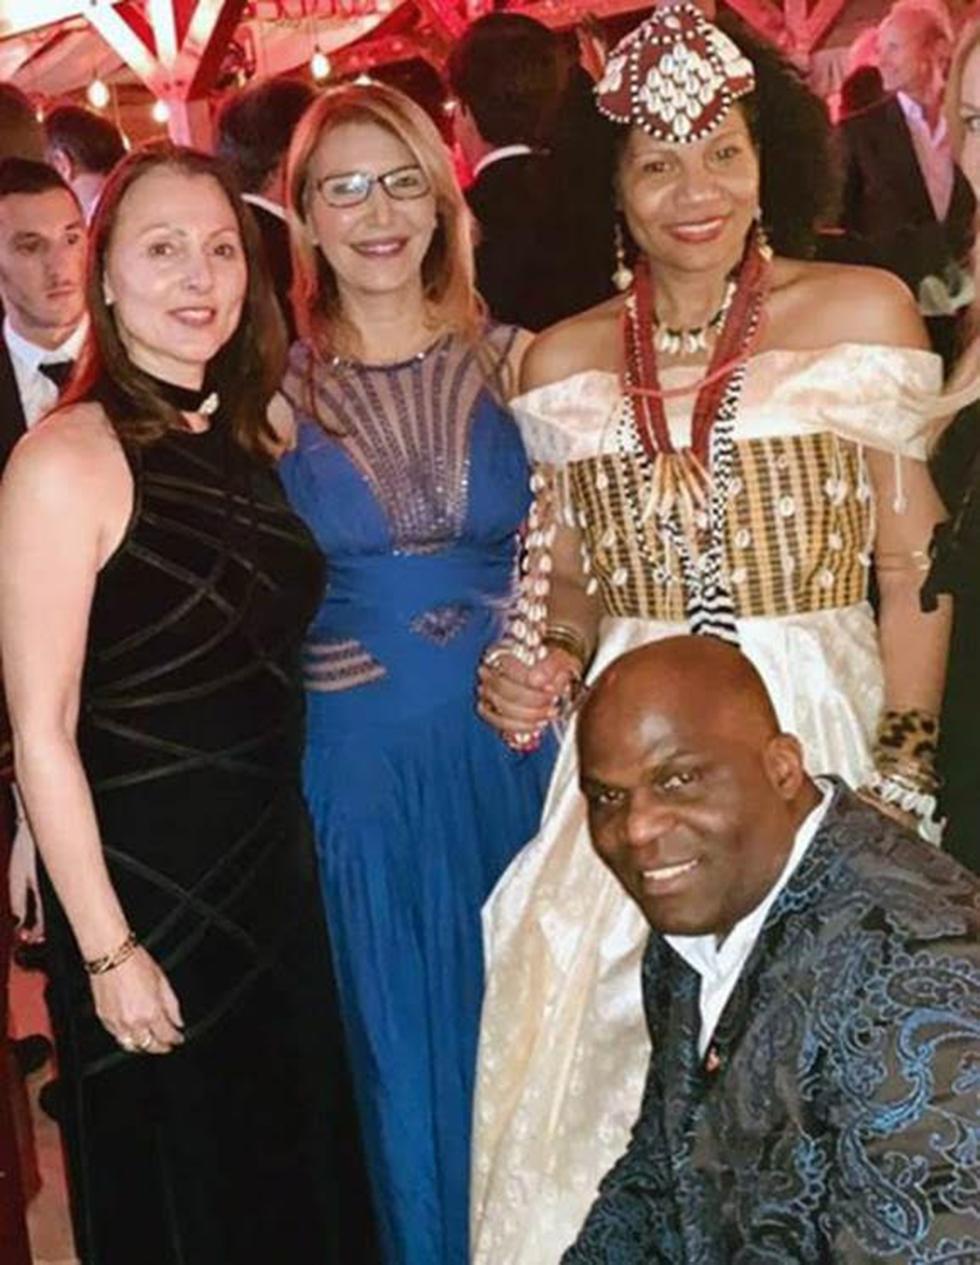 מלכת קונגו, נסיך קונגו, רונית רפאל ואביבה רז-שכטר שכטר (צילום: דניאל אופלינגר)